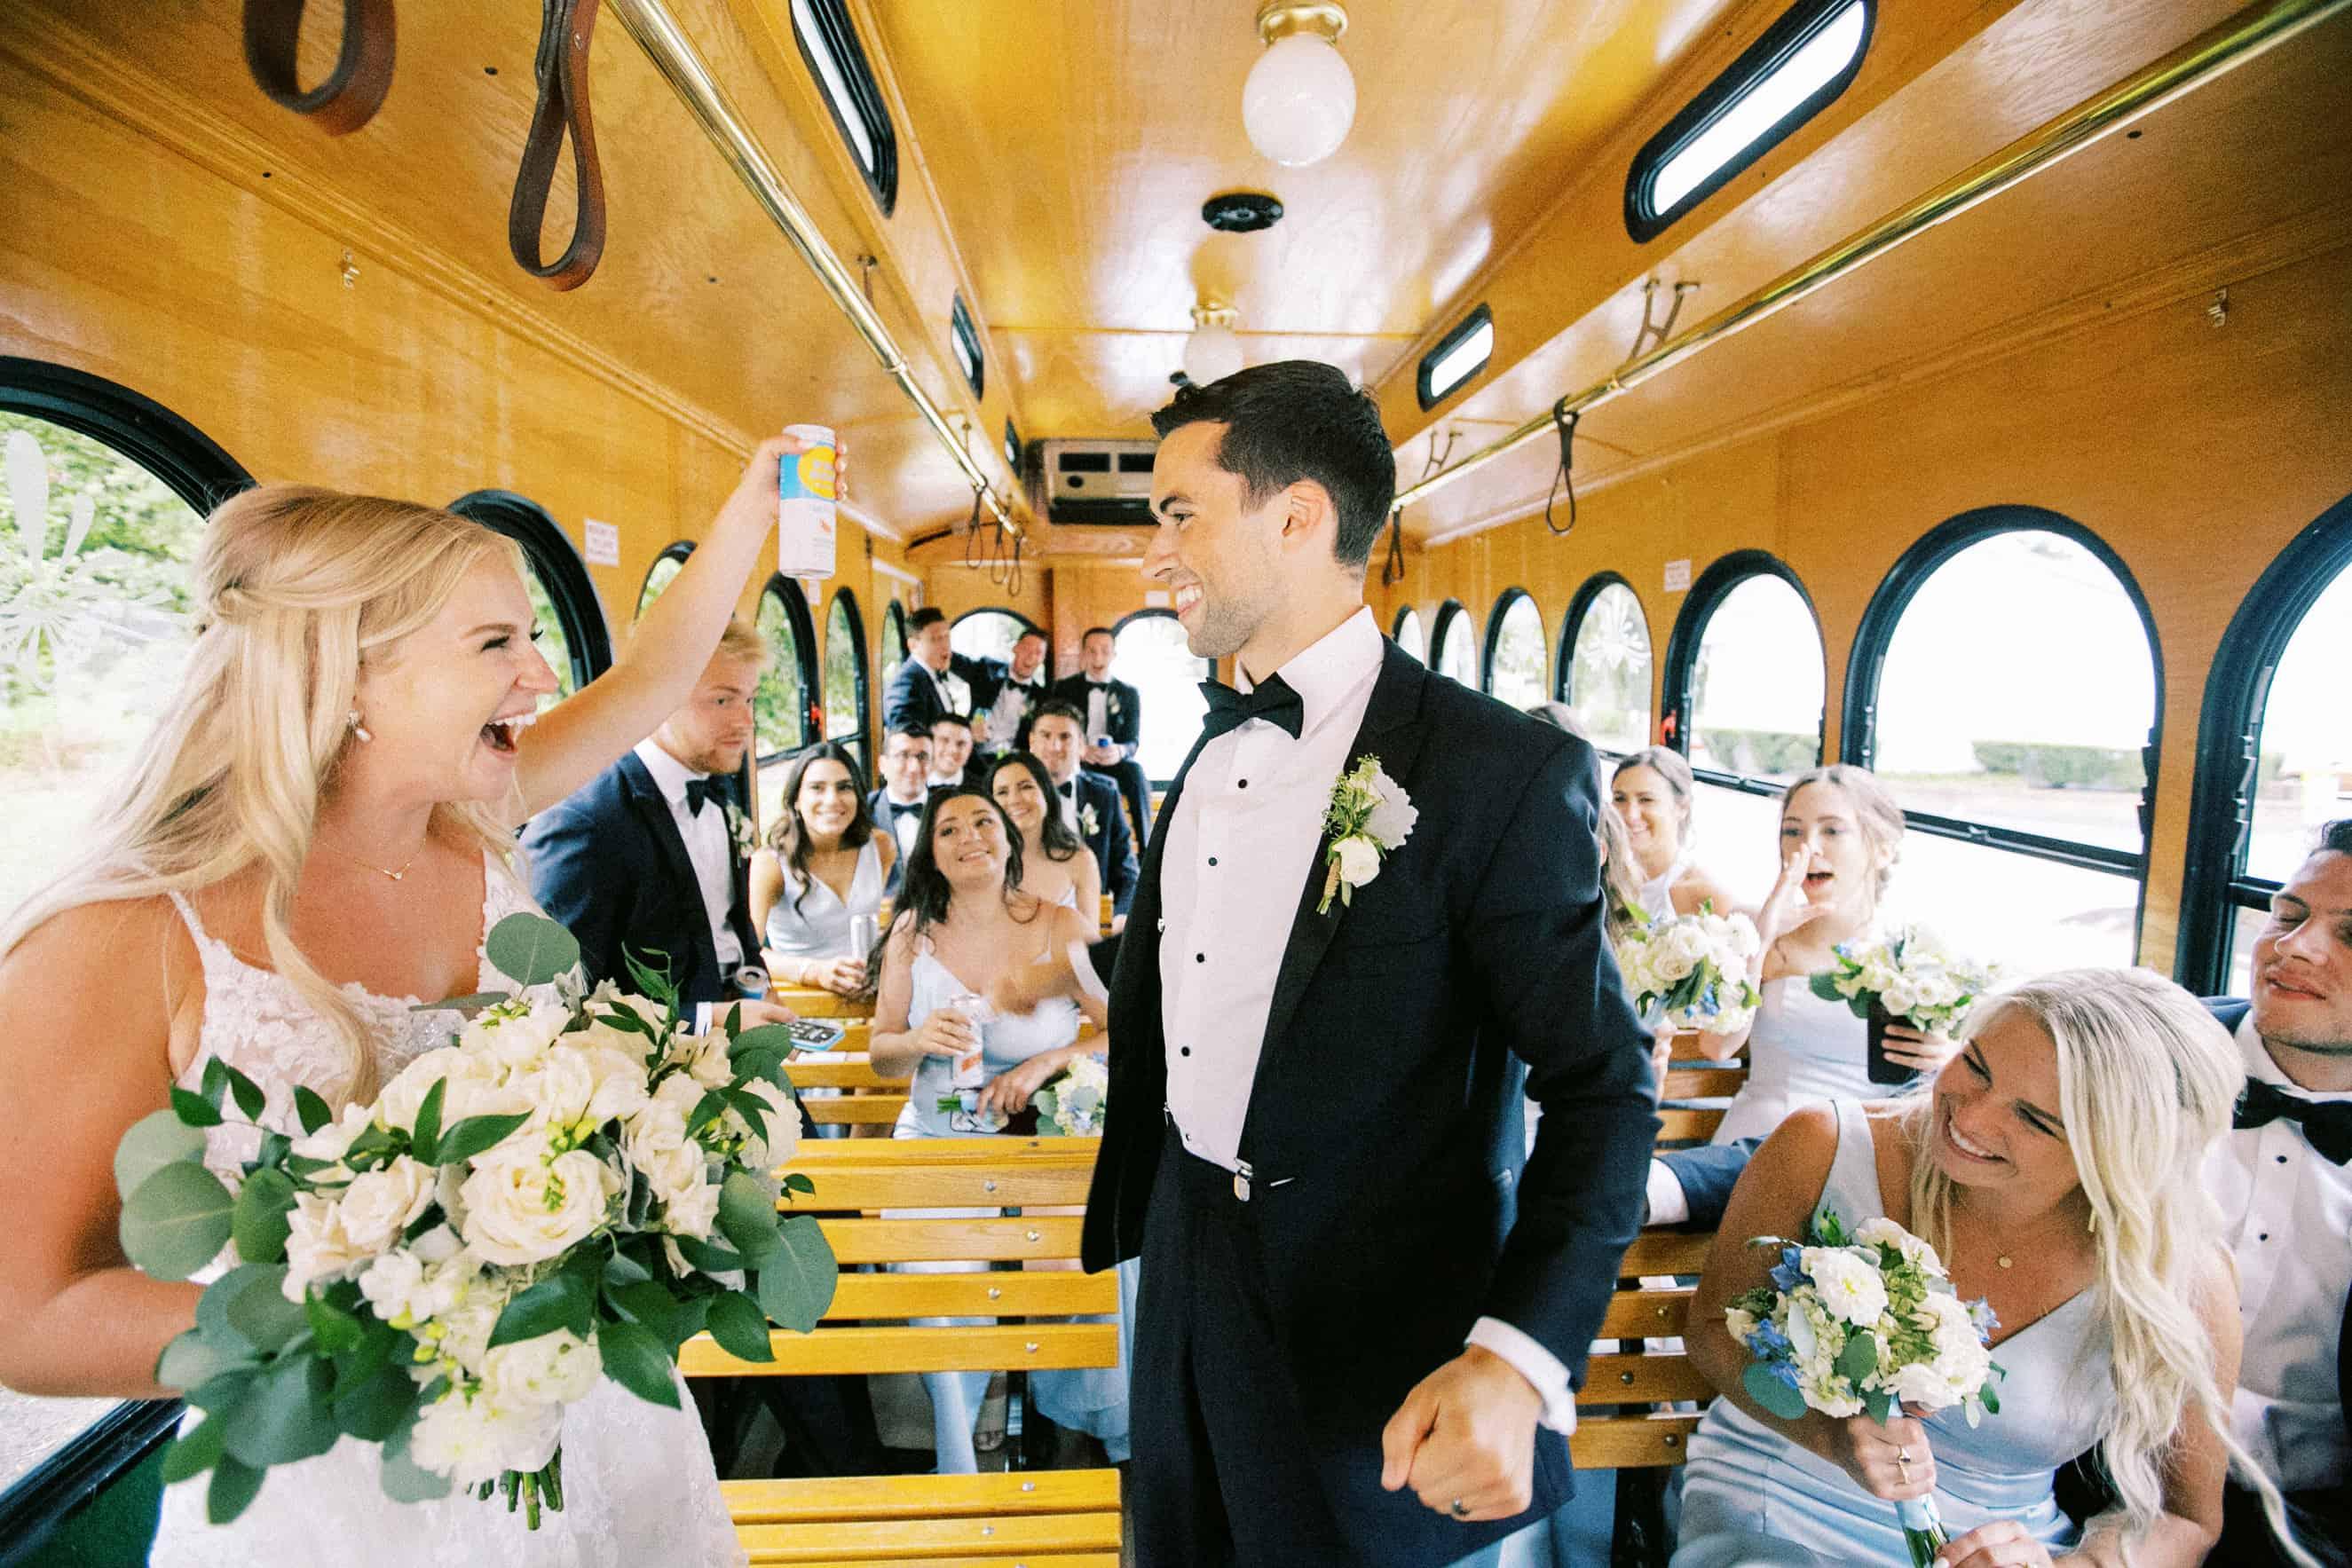 Cescaphe Party Bus Photo